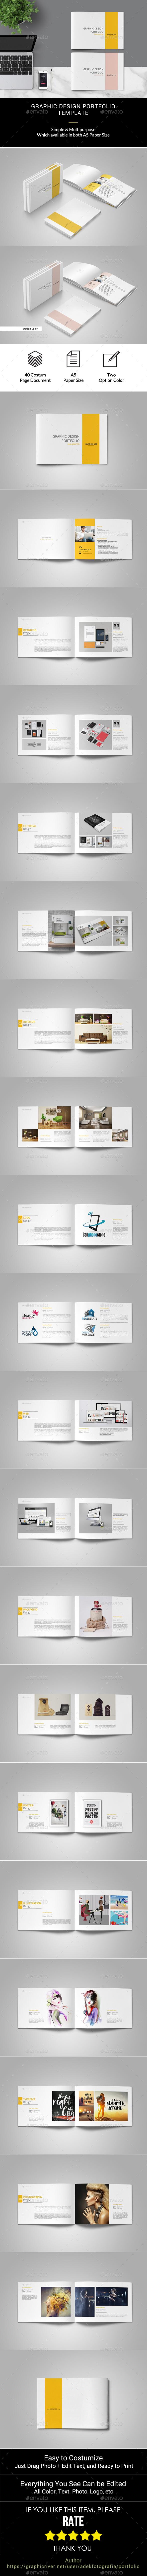 GraphicRiver Graphic Design Portfolio Template 21184758